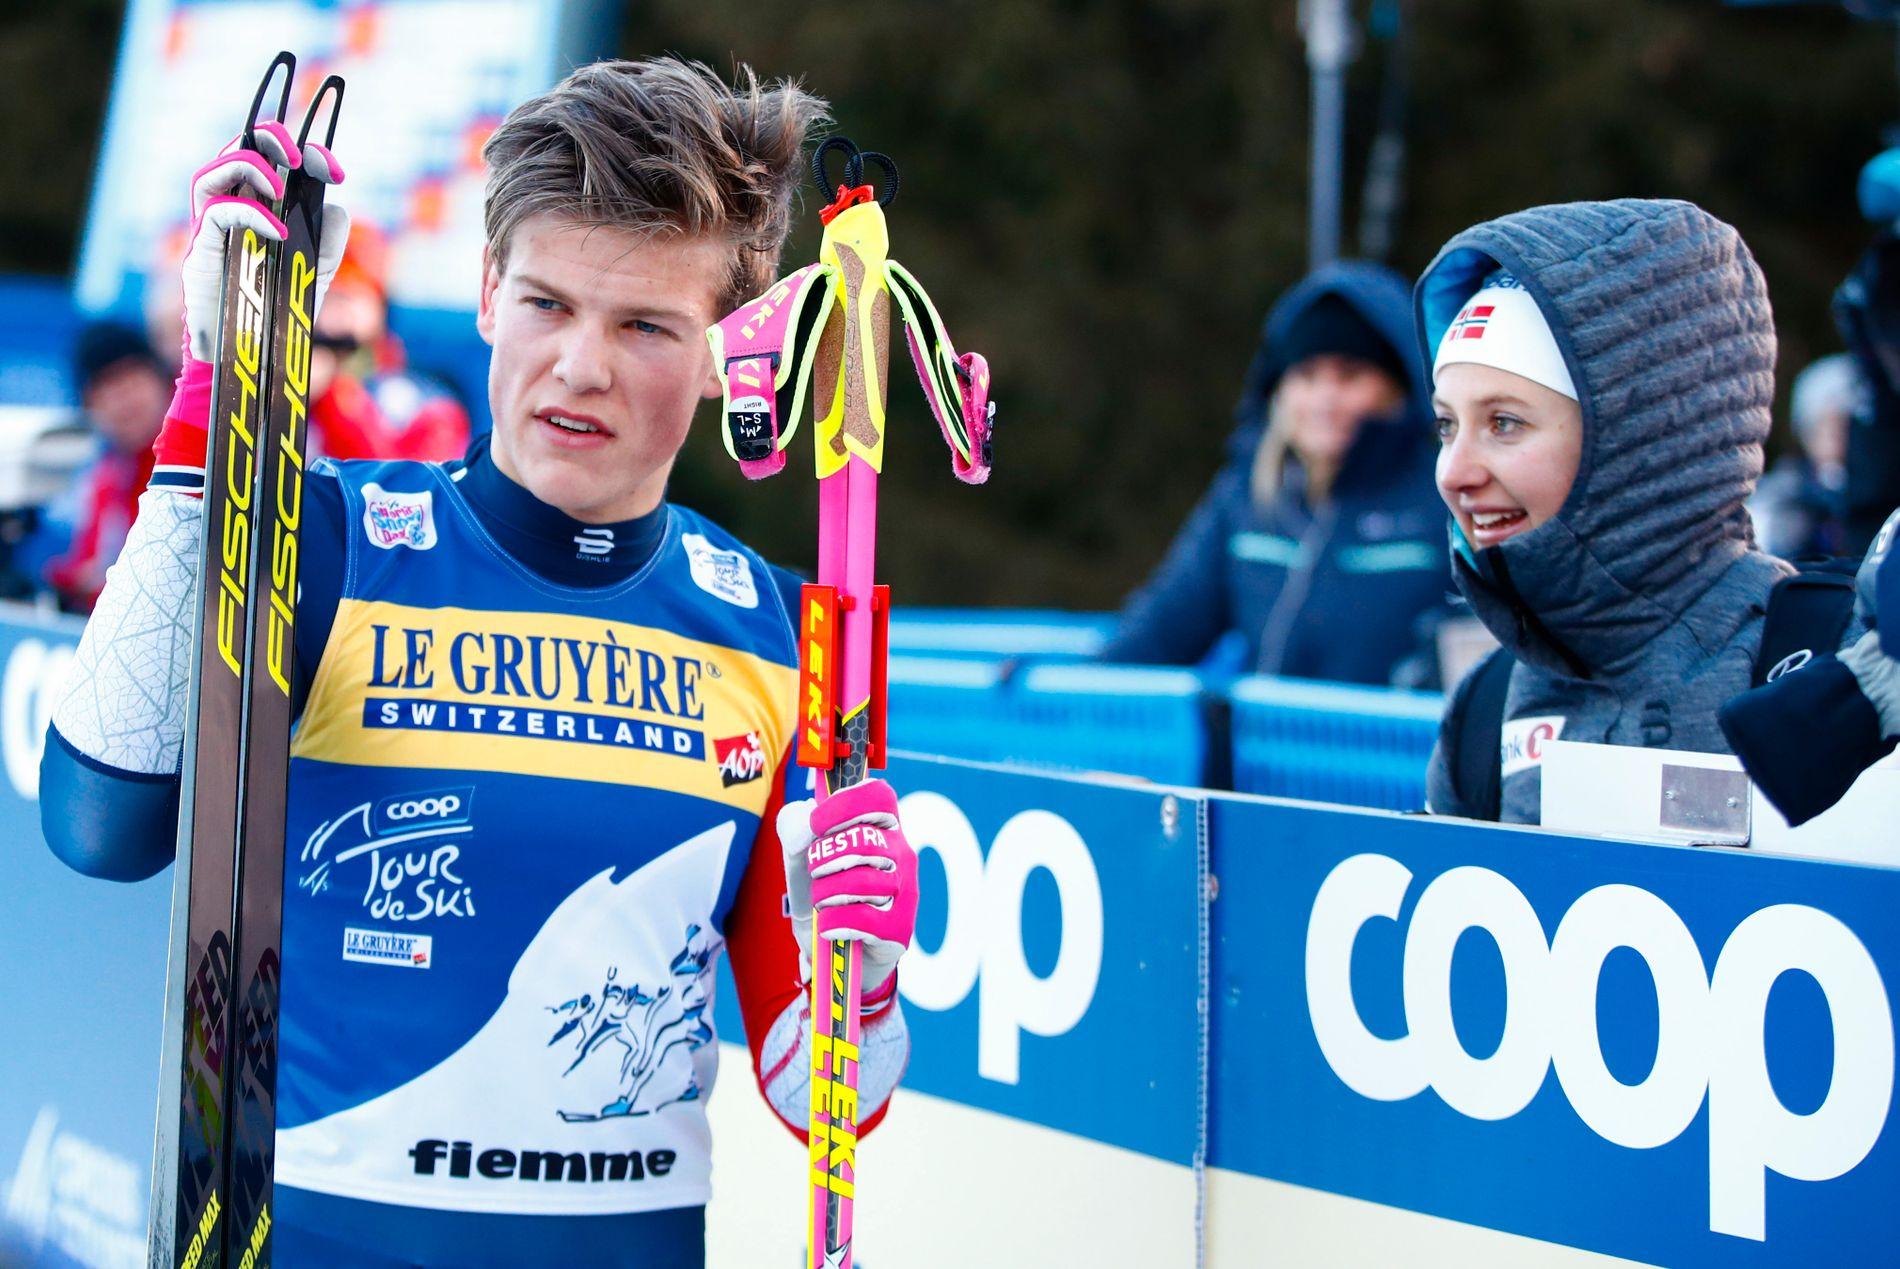 VINNERE: Johannes Høsflot Klæbo og Ingvild Flugstad Østberg vant begge Tour de Ski, etter å ha dominert etappeløpet.